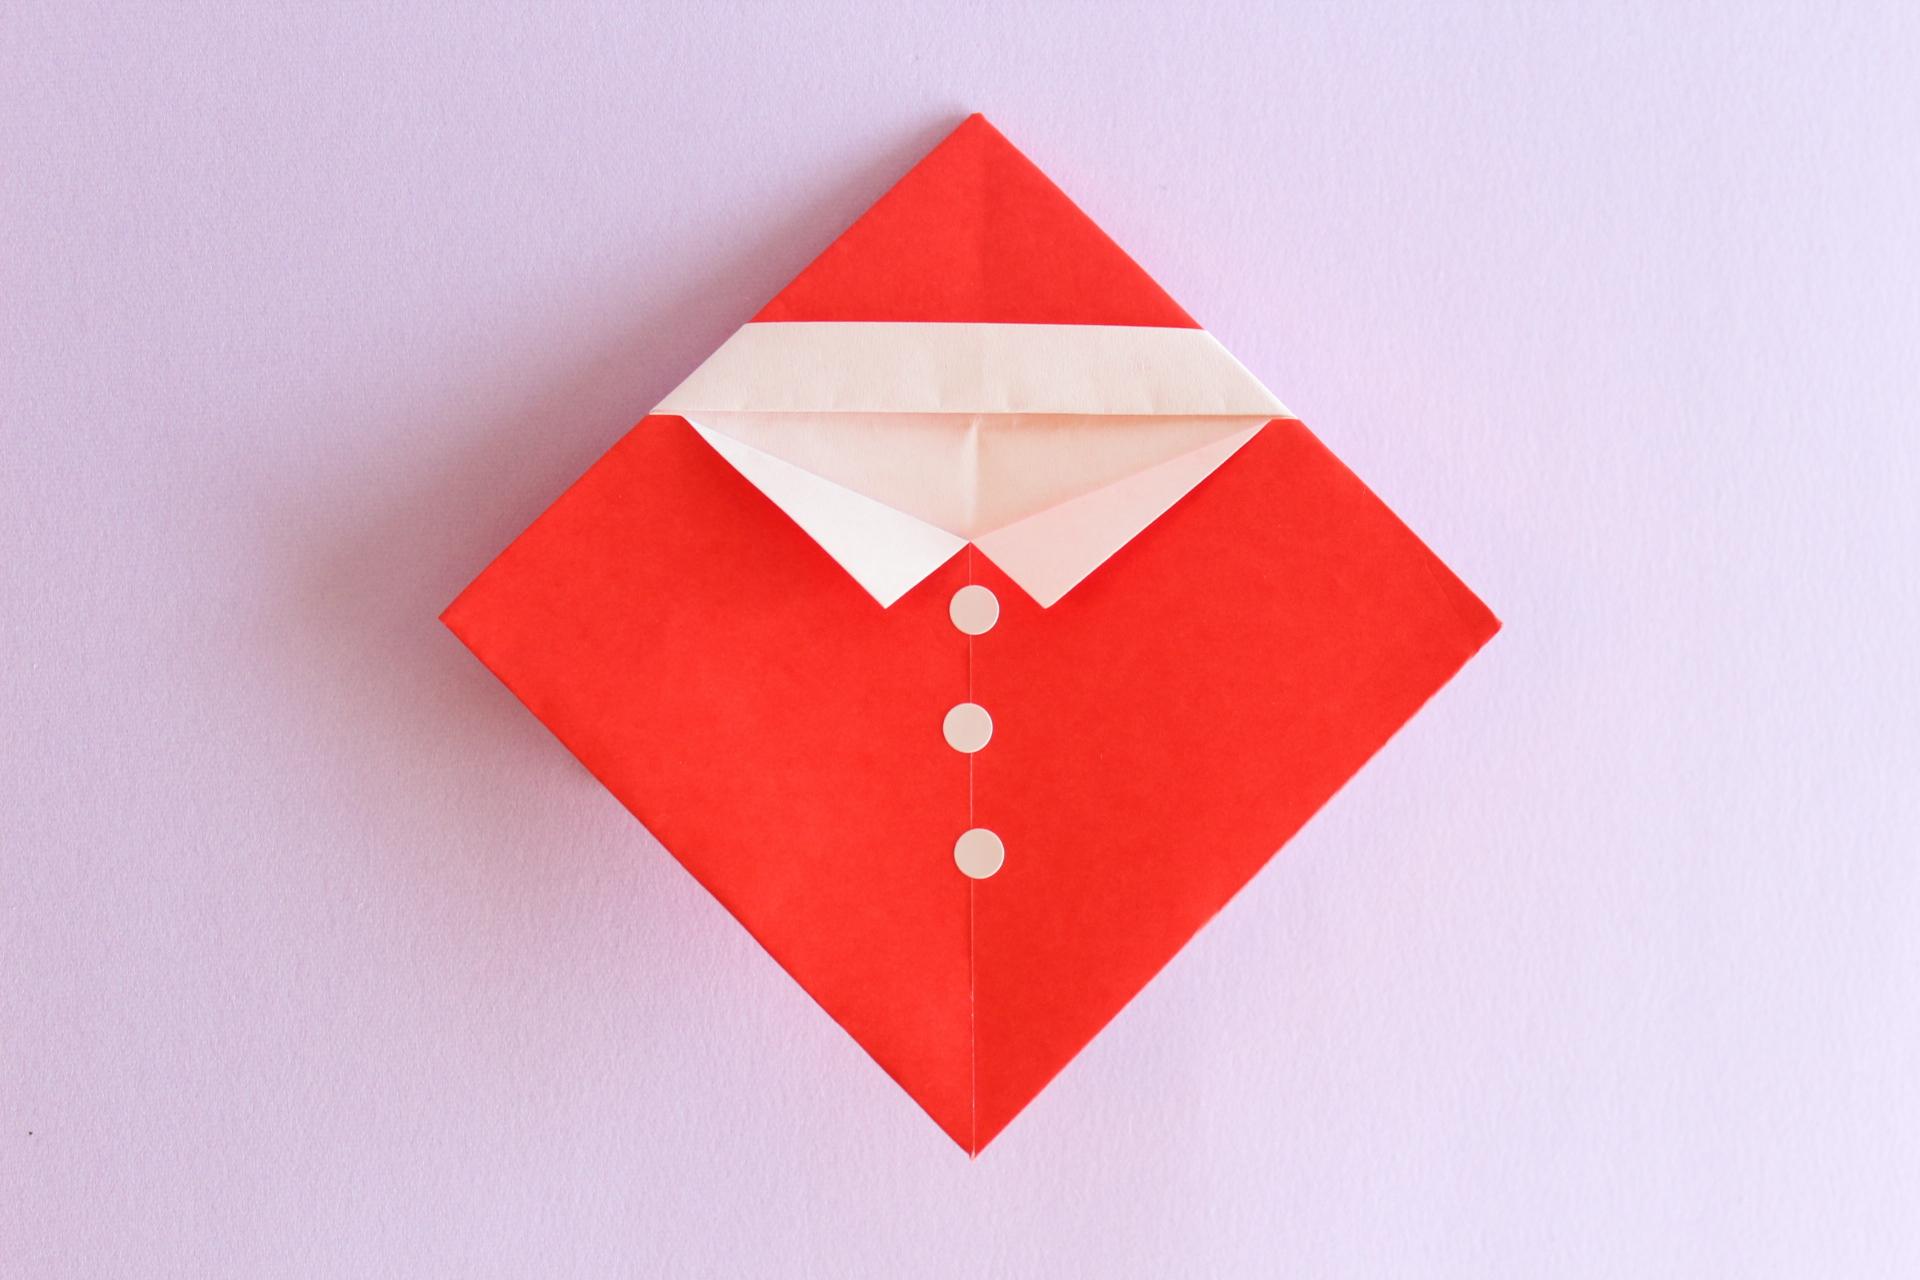 折り紙で簡単なサンタさんの完成